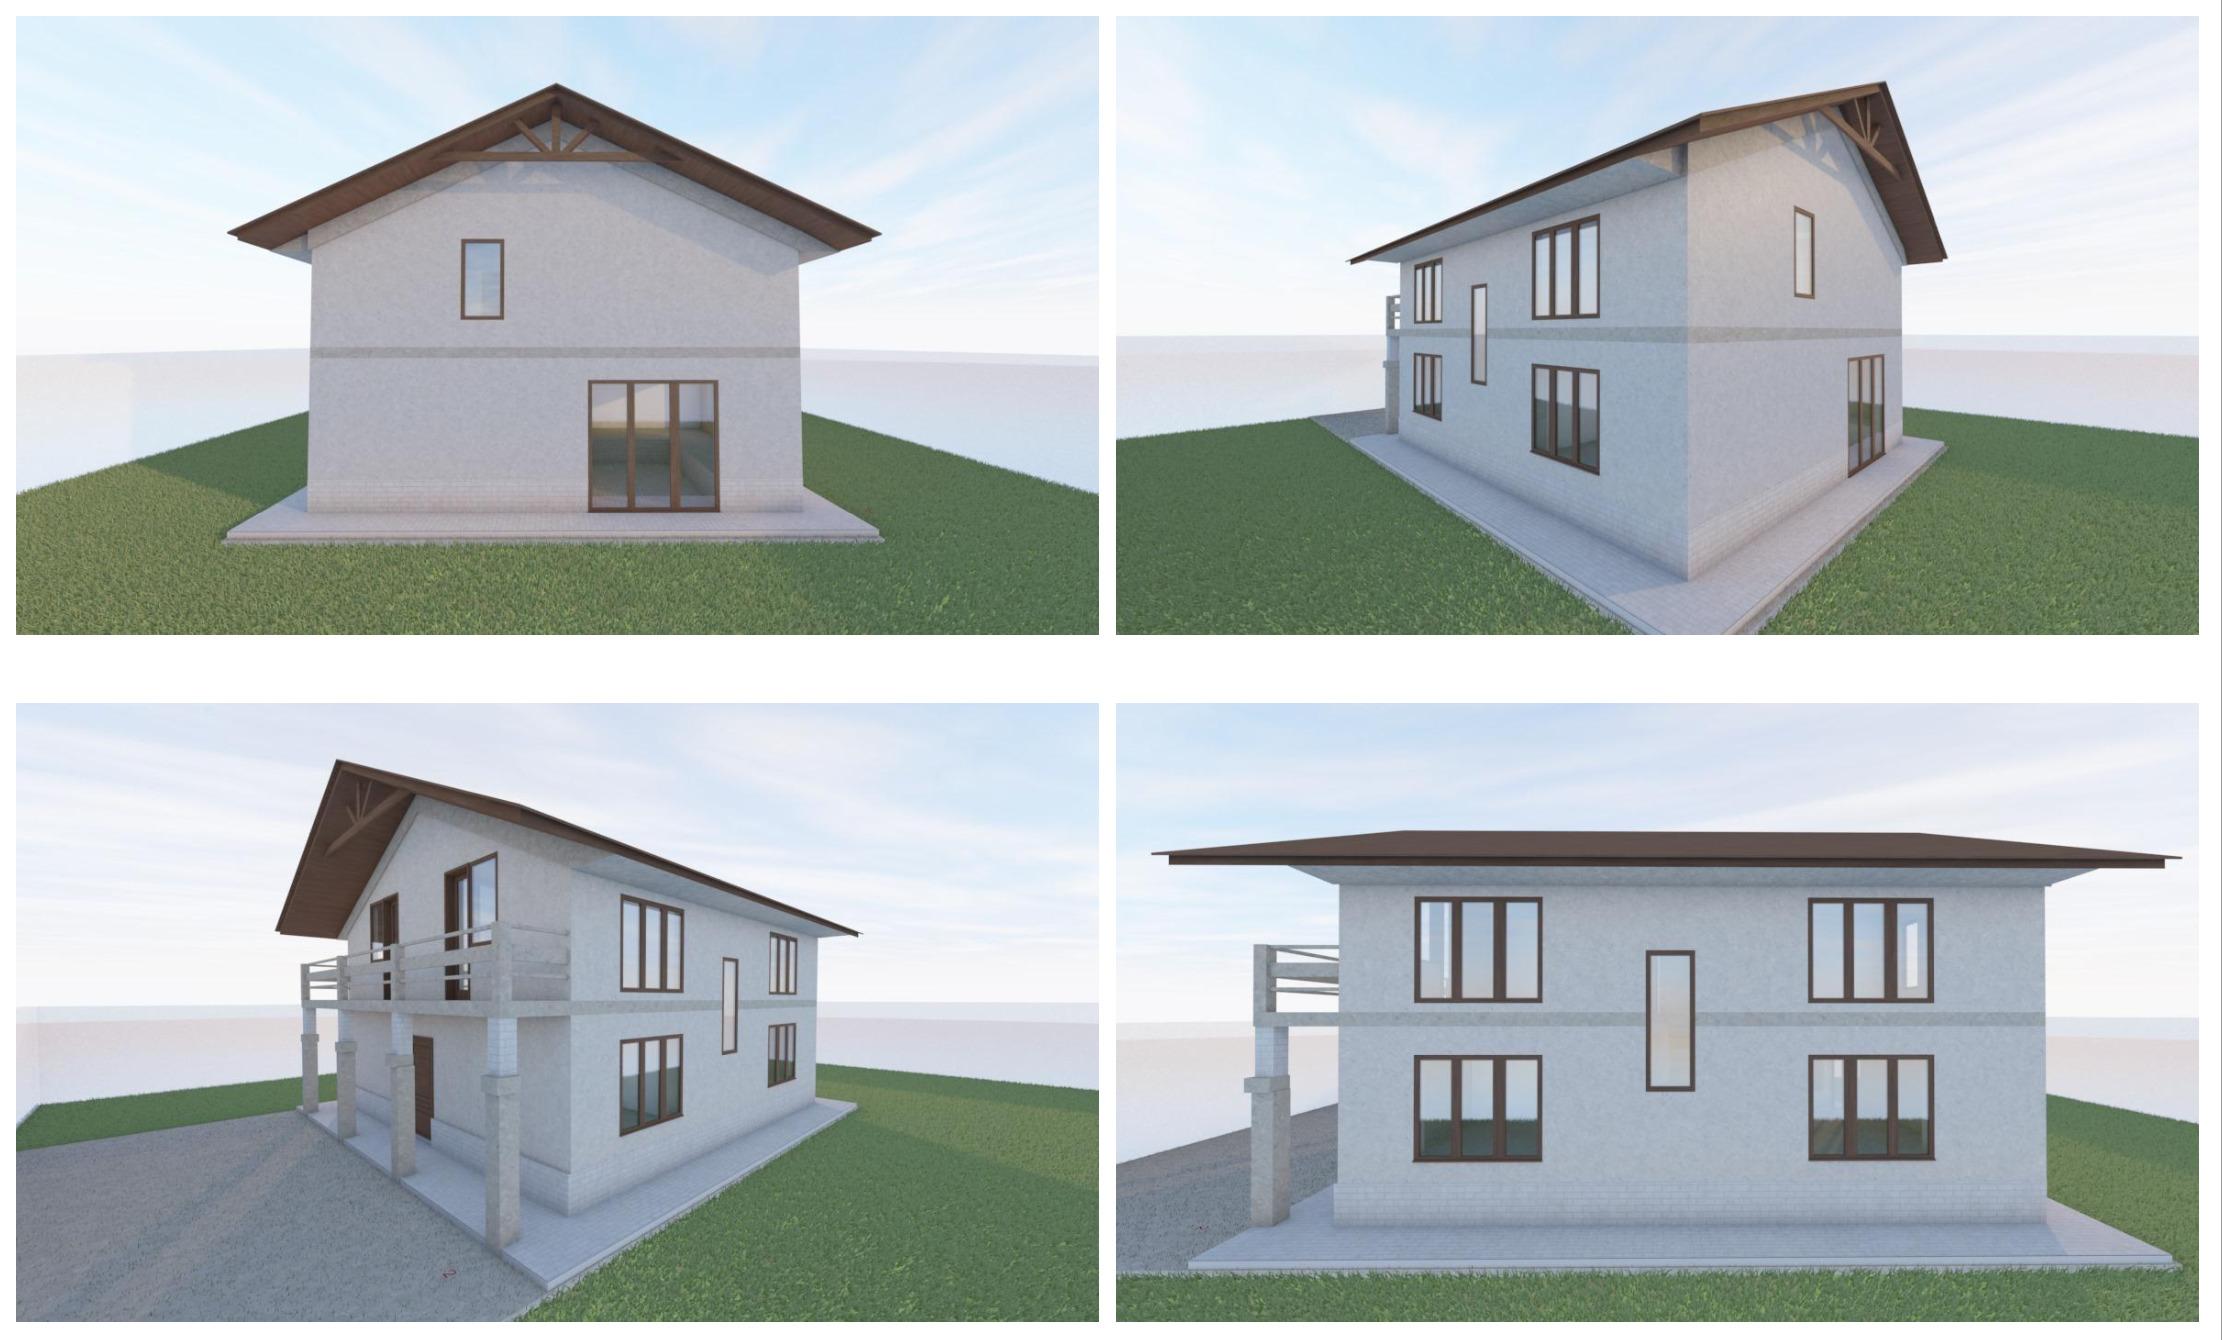 архитектурный проект в подарок при заказе строительства